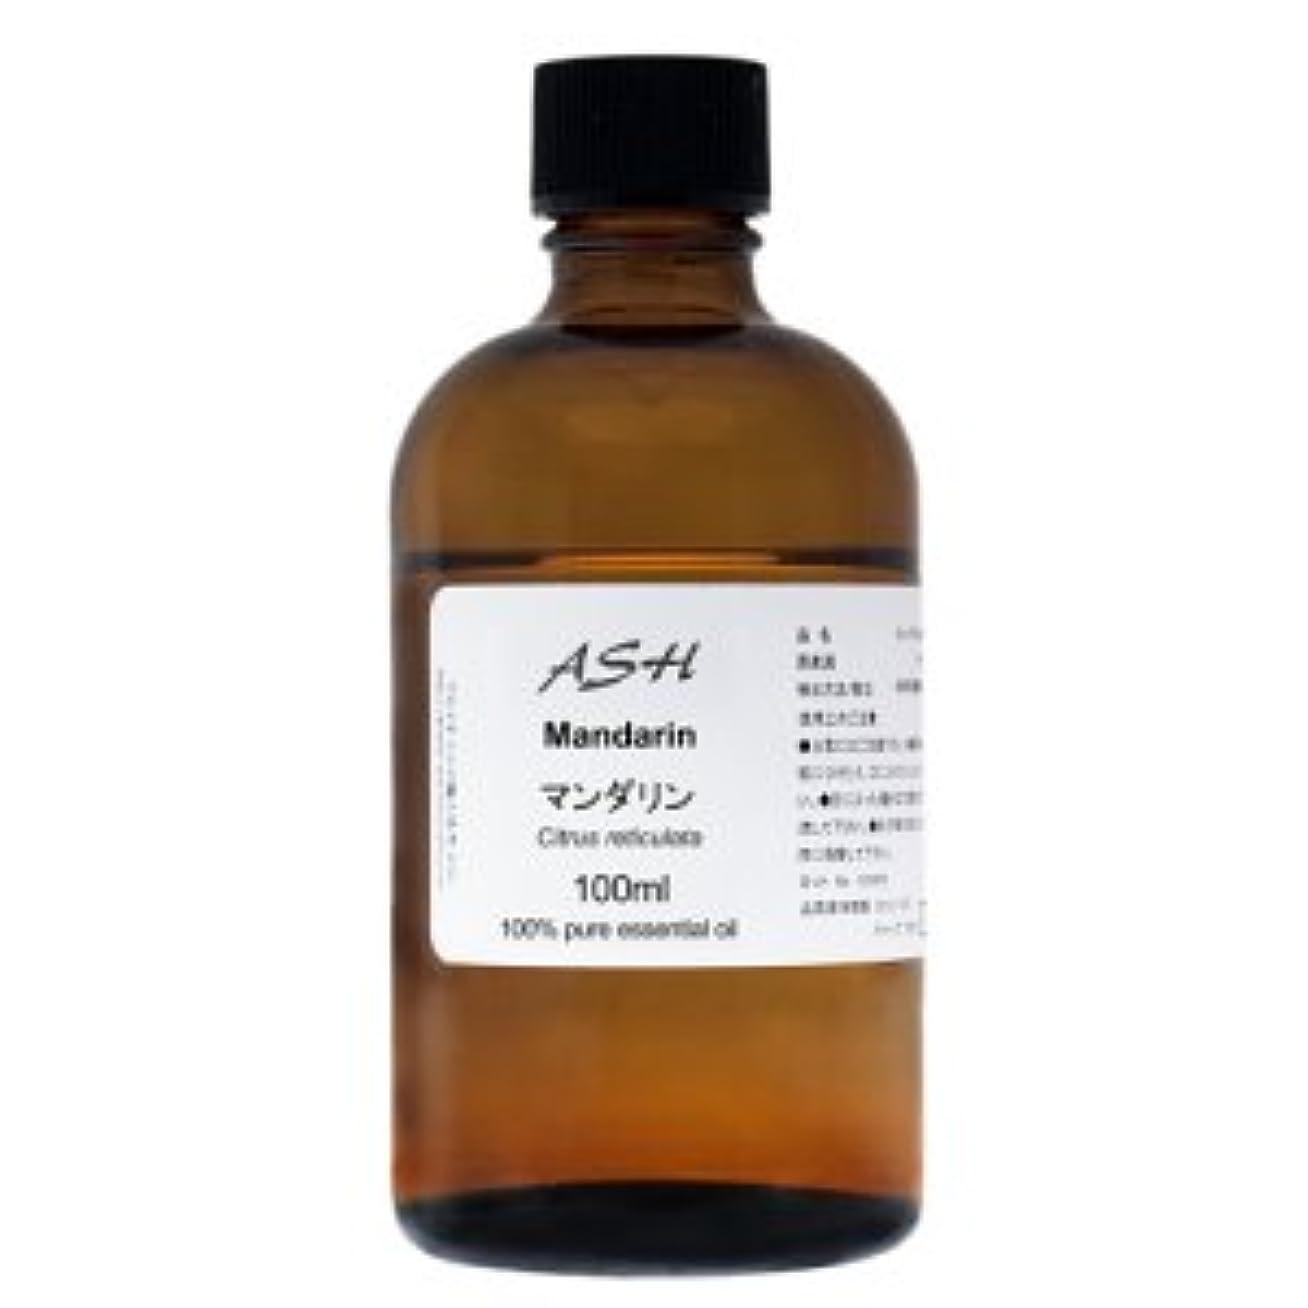 ブルジョン脱獄目的ASH マンダリン エッセンシャルオイル 100ml AEAJ表示基準適合認定精油